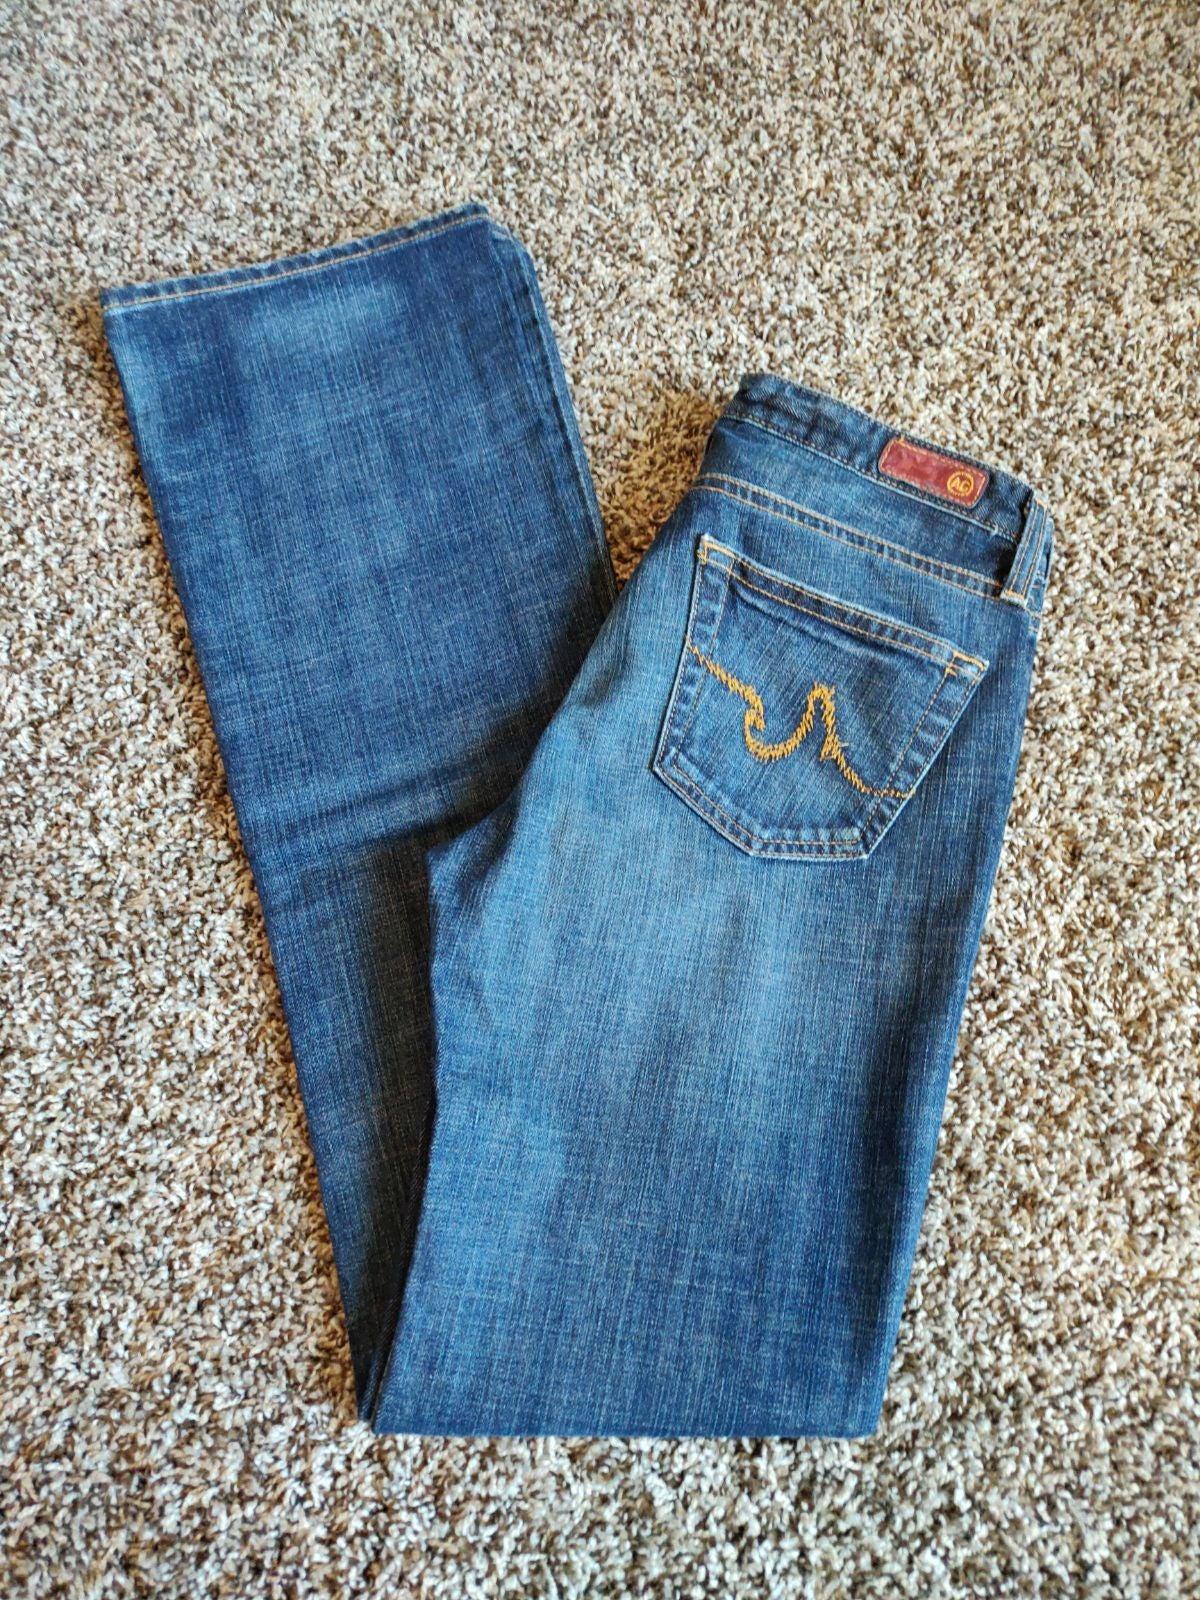 Designer jeans women